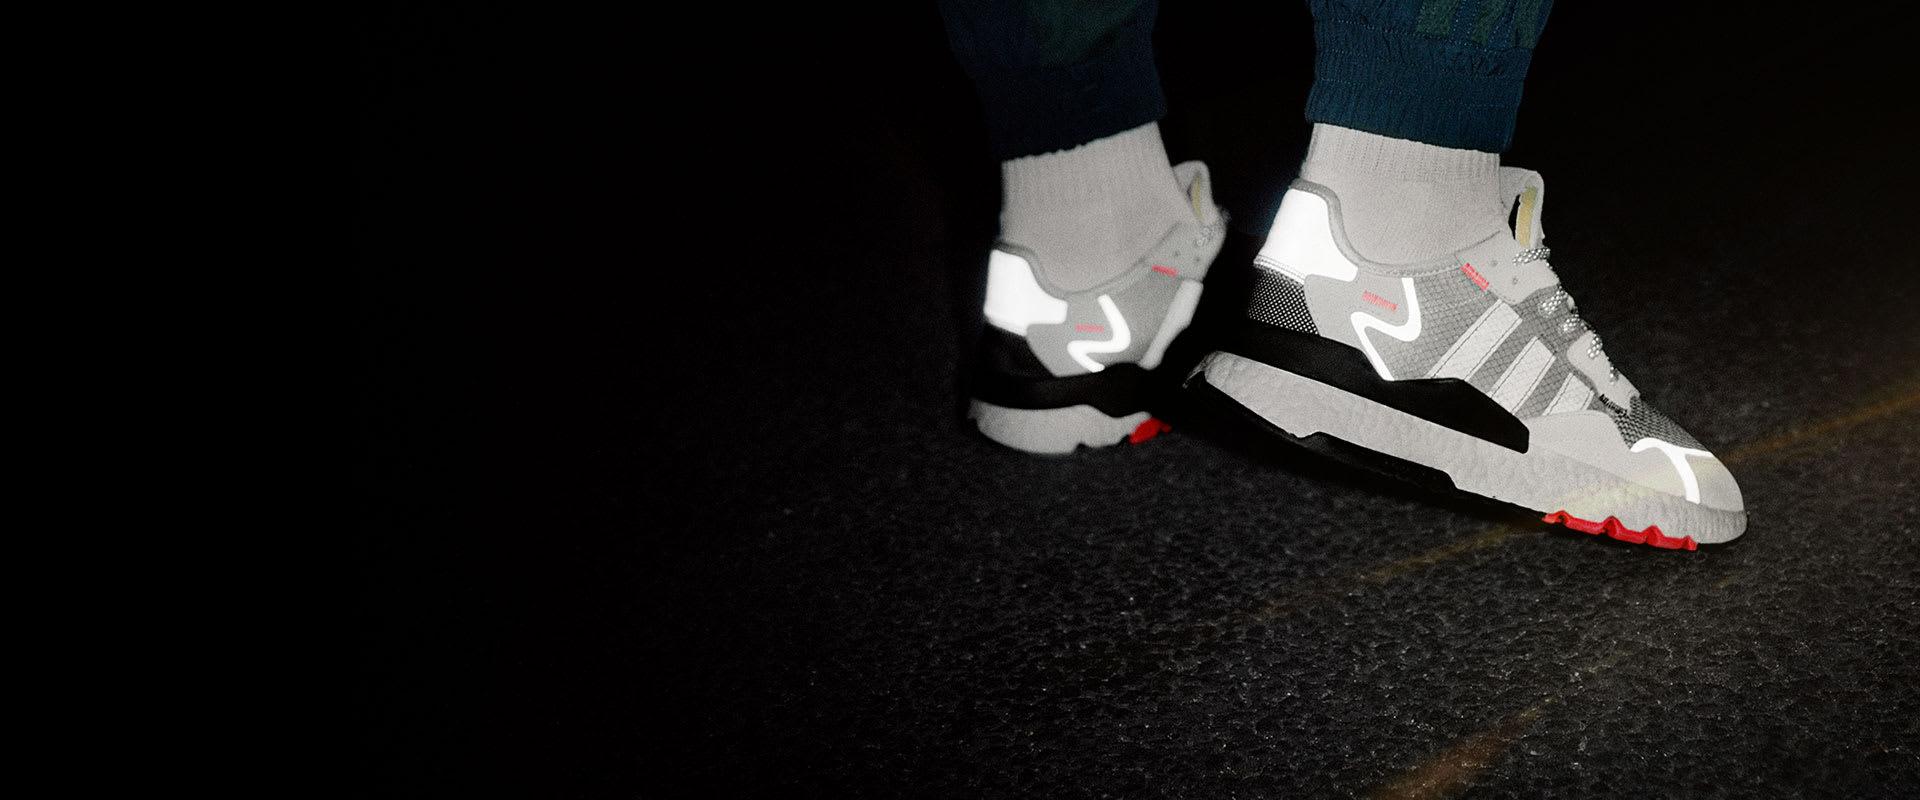 60c4e03d971 adidas Official Website